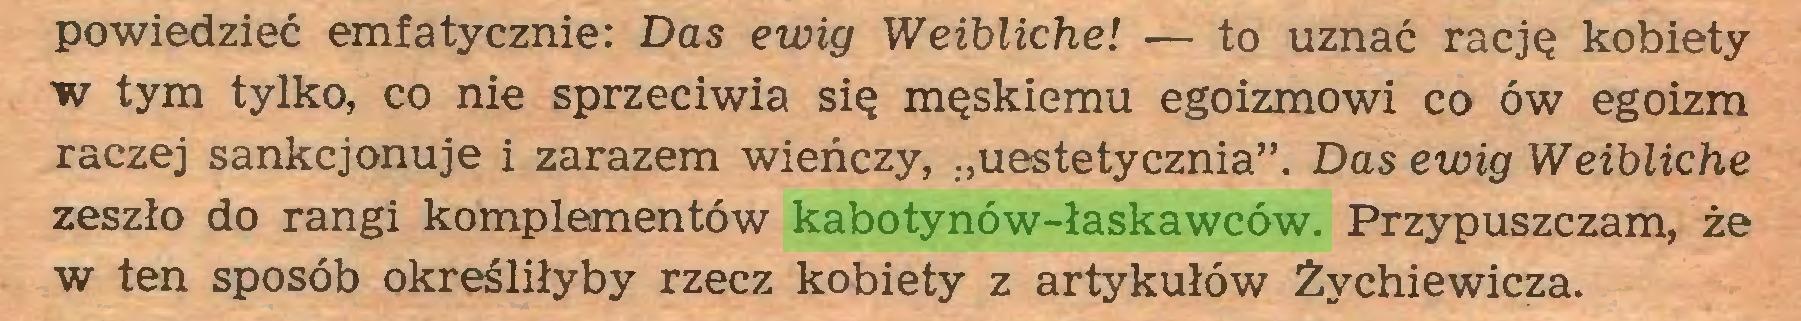 """(...) powiedzieć emfatycznie: Das ewig Weibliche! — to uznać rację kobiety w tym tylko, co nie sprzeciwia się męskiemu egoizmowi co ów egoizm raczej sankcjonuje i zarazem wieńczy, """"uestetycznia"""". Das ewig Weibliche zeszło do rangi komplementów kabotynów-łaskawców. Przypuszczam, że w ten sposób określiłyby rzecz kobiety z artykułów Żychiewicza..."""